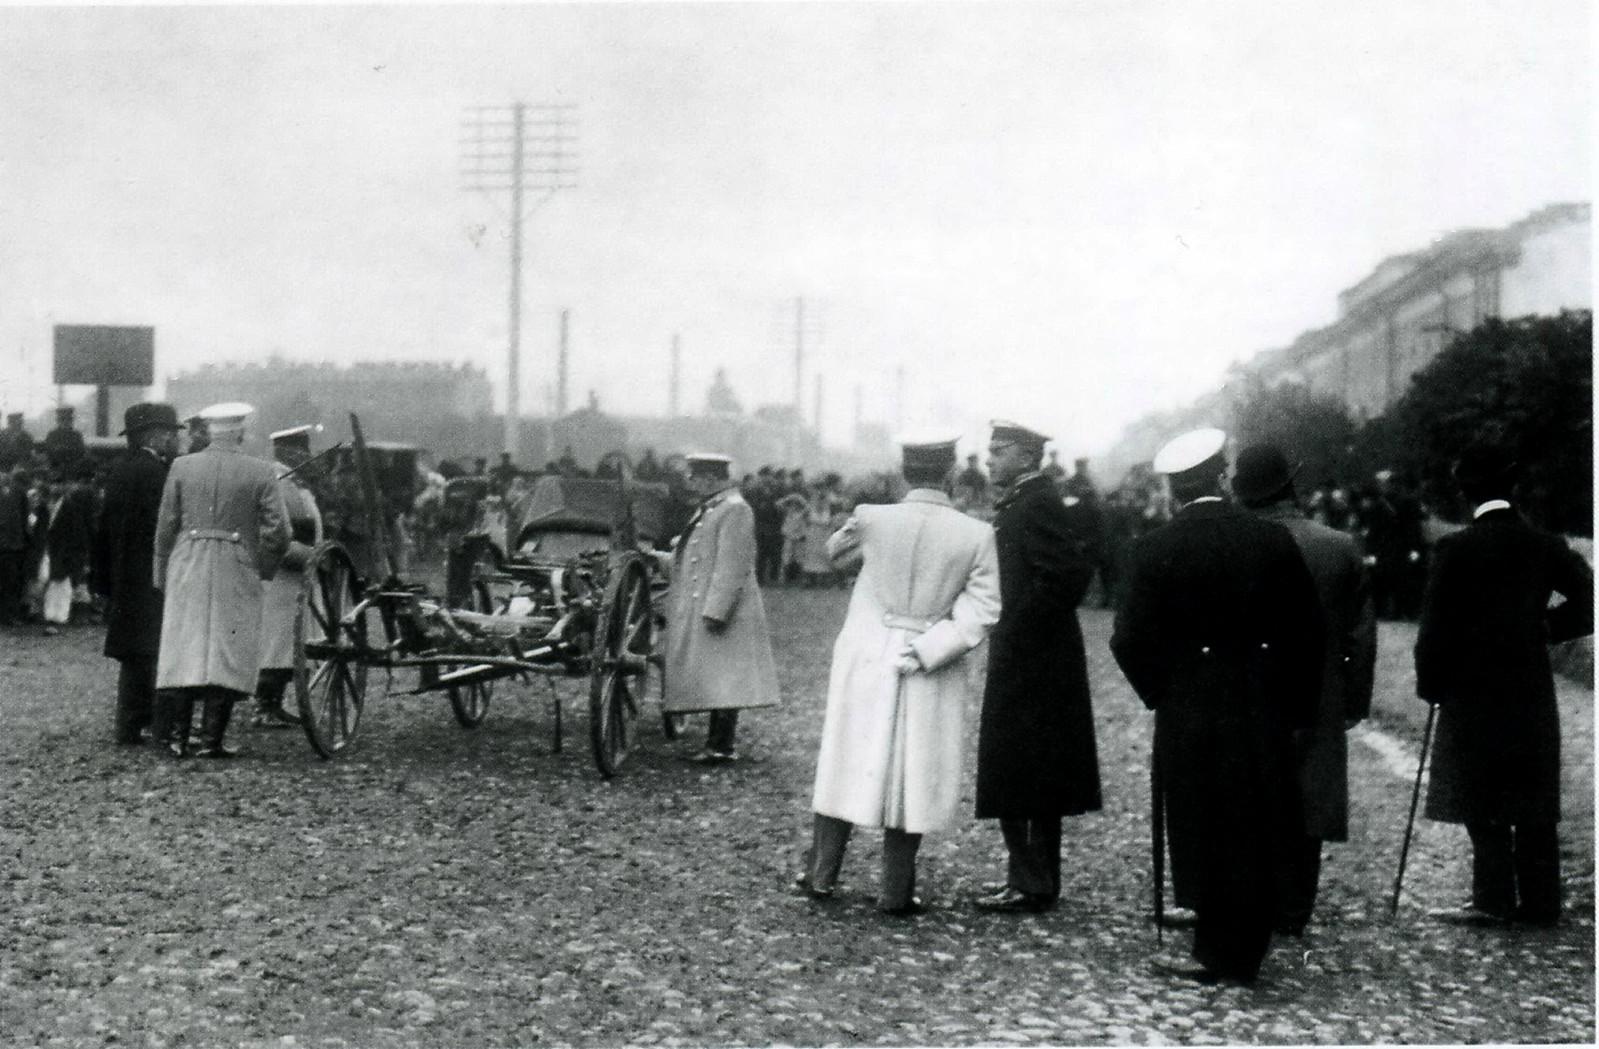 Полицейские чины и толпа любопытных перед Варшавским вокзалом на месте убийства министра внутренних дел В.К.Плеве. 15 июля 1904